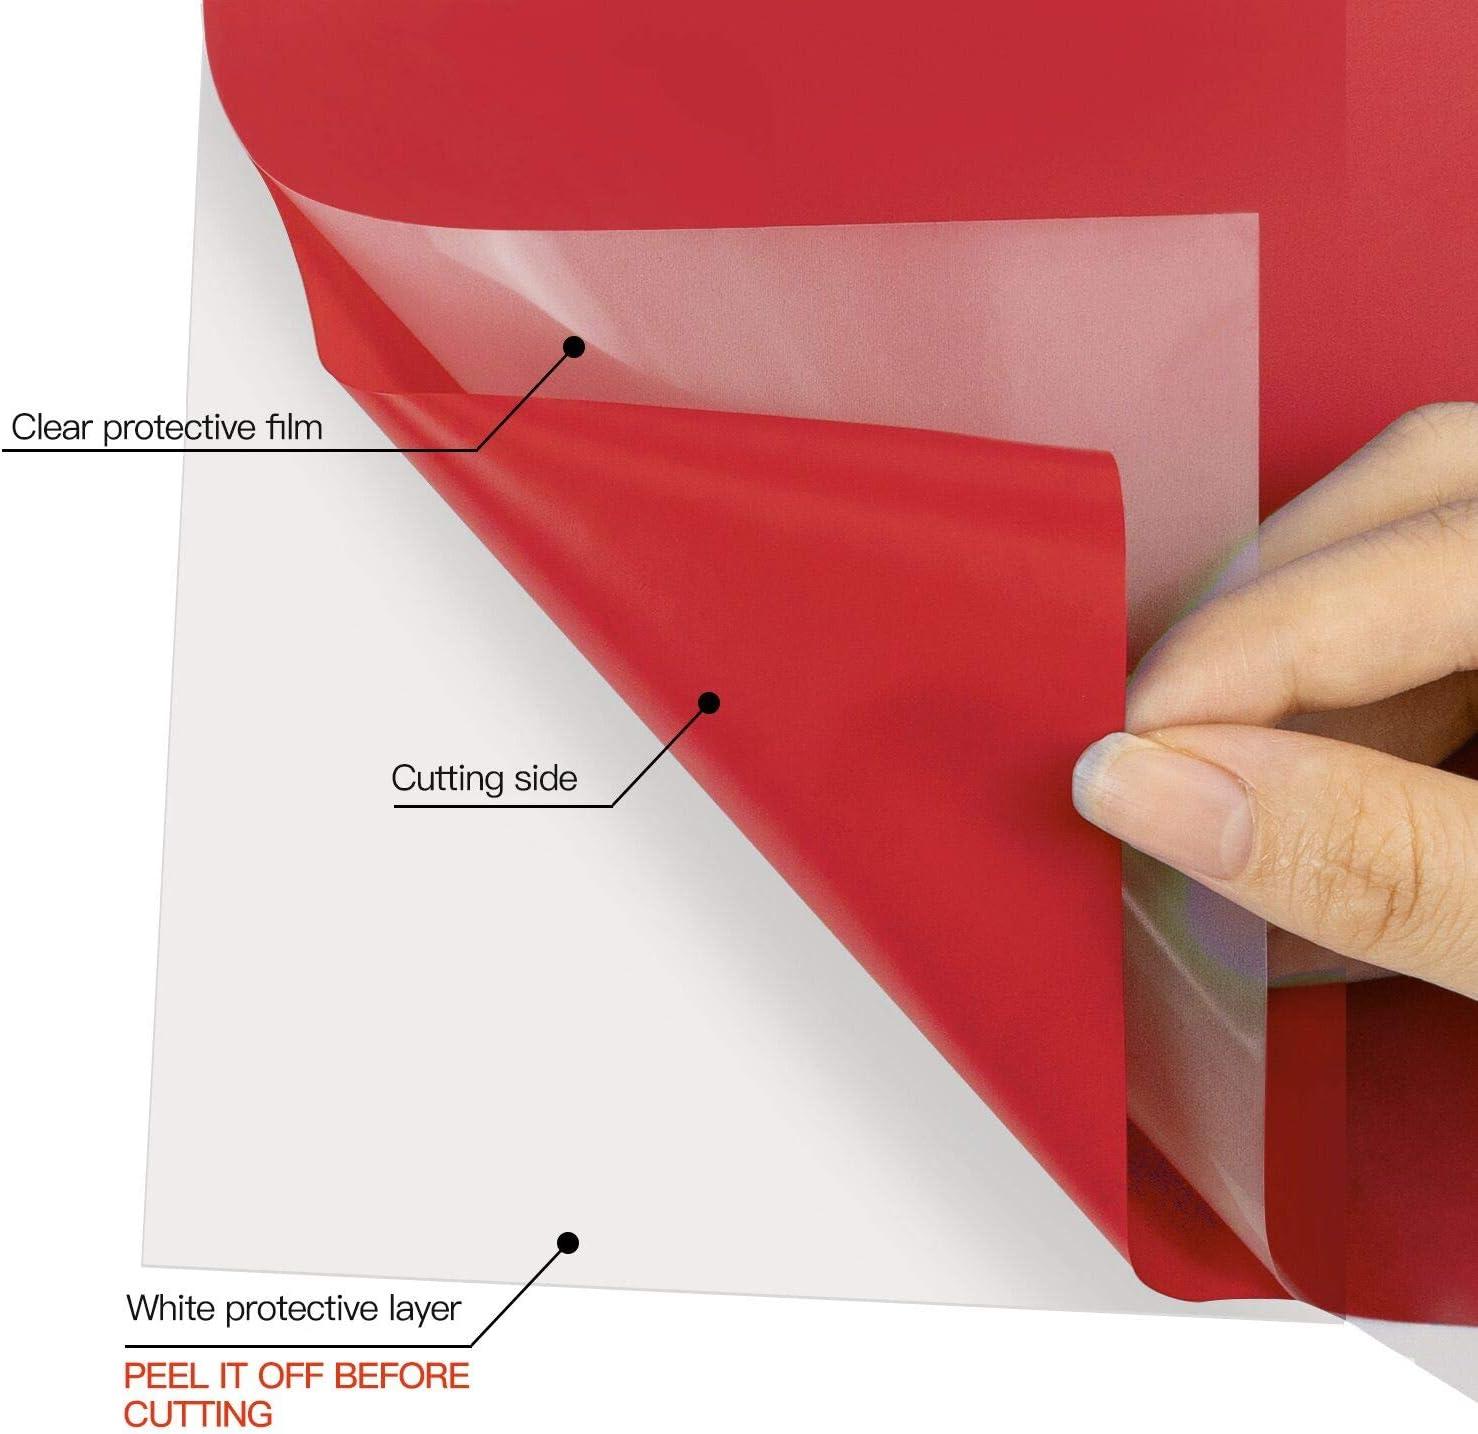 Vinilo de transferencia de calor – Rollo de vinilo para planchar Cricut & Silhouette Cameo, rollo de vinilo HTV resistente para hacer camisetas de bricolaje, fácil de cortar y maleza (rojo): Amazon.es: